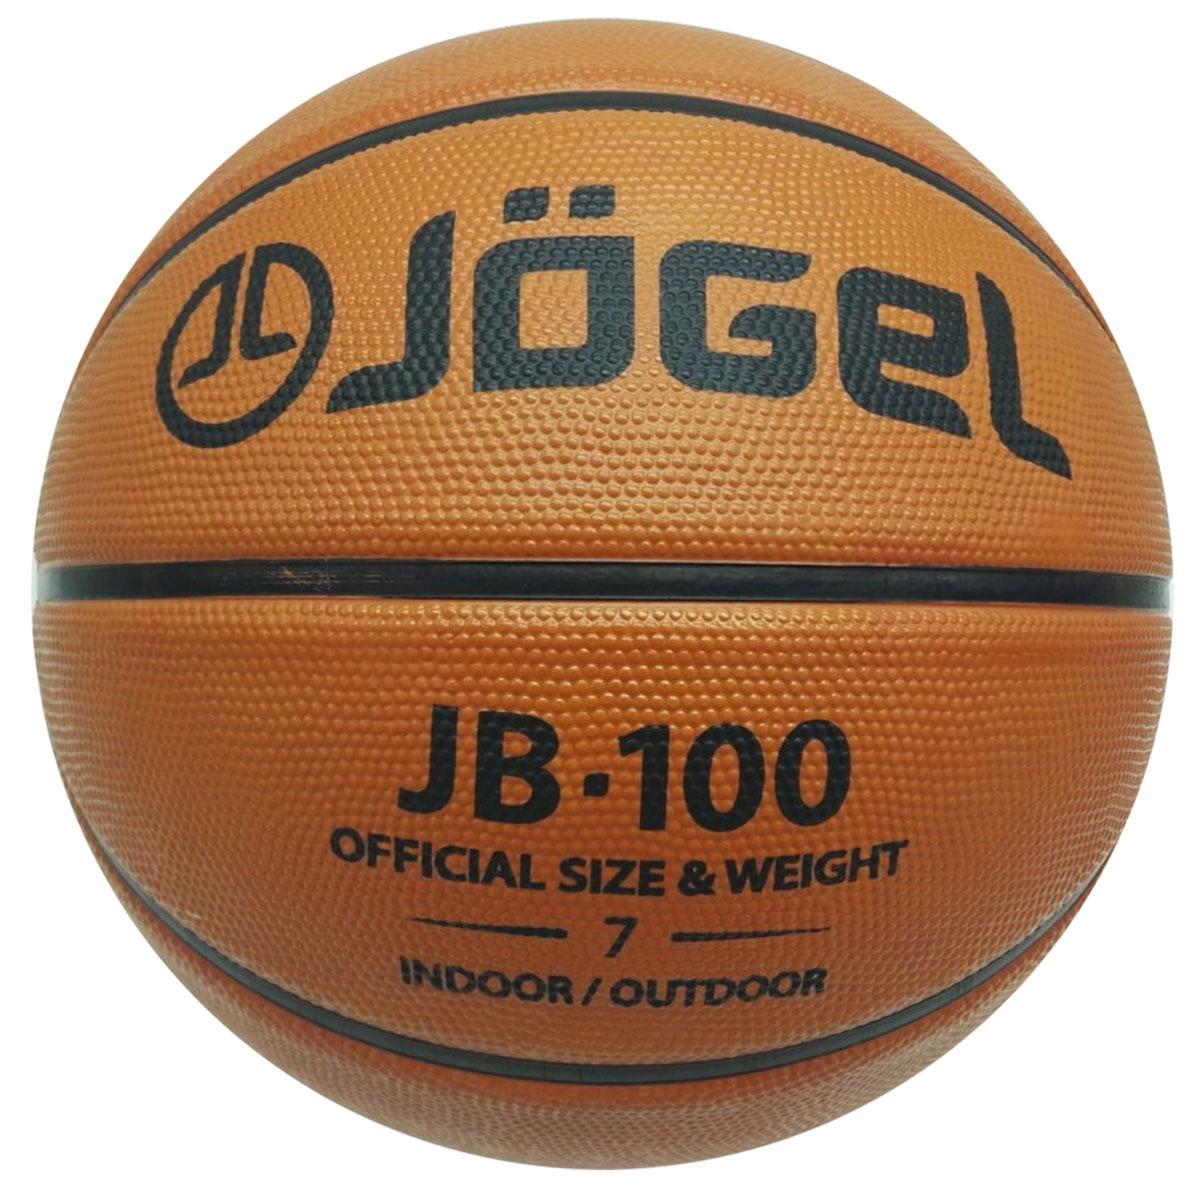 Мяч баскетбольный Jogel, цвет: коричневый. Размер 7. JB-100УТ-00009271Название: Мяч баскетбольный Jgel JB-100 №7 Уровень: Тренировочный мяч Категория: INDOOR/OUTDOOR Описание: Jogel JB-100 №7 это классический резиновый баскетбольный мяч, самая популярная модель для уличного баскетбола, учебных заведений и СДЮШ. Поверхность мяча выполнена из износостойкой резины, благодаря чему данным мячом можно играть практически на любой поверхности, как на улице, так и в зале. Благодаря технологии DeepChannel (глубокие каналы), используемой при производстве мячей Jogel, достигается лучший контроля мяча во время броска и дриблинга. Размер №7 предназначается для мужчин и юношей от 17 лет, официальный размер для соревнований мужских команд. Данный мяч рекомендован для любительской игры, тренировок любительских команд и команд среднего уровня. Данный мяч прекрасно подходит для поставок на гос. тендеры, образовательные учреждения и спортивные секции. Официальный размер и вес FIBA. Рекомендованные покрытия: Паркет, резина, бетон, асфальт Материал...